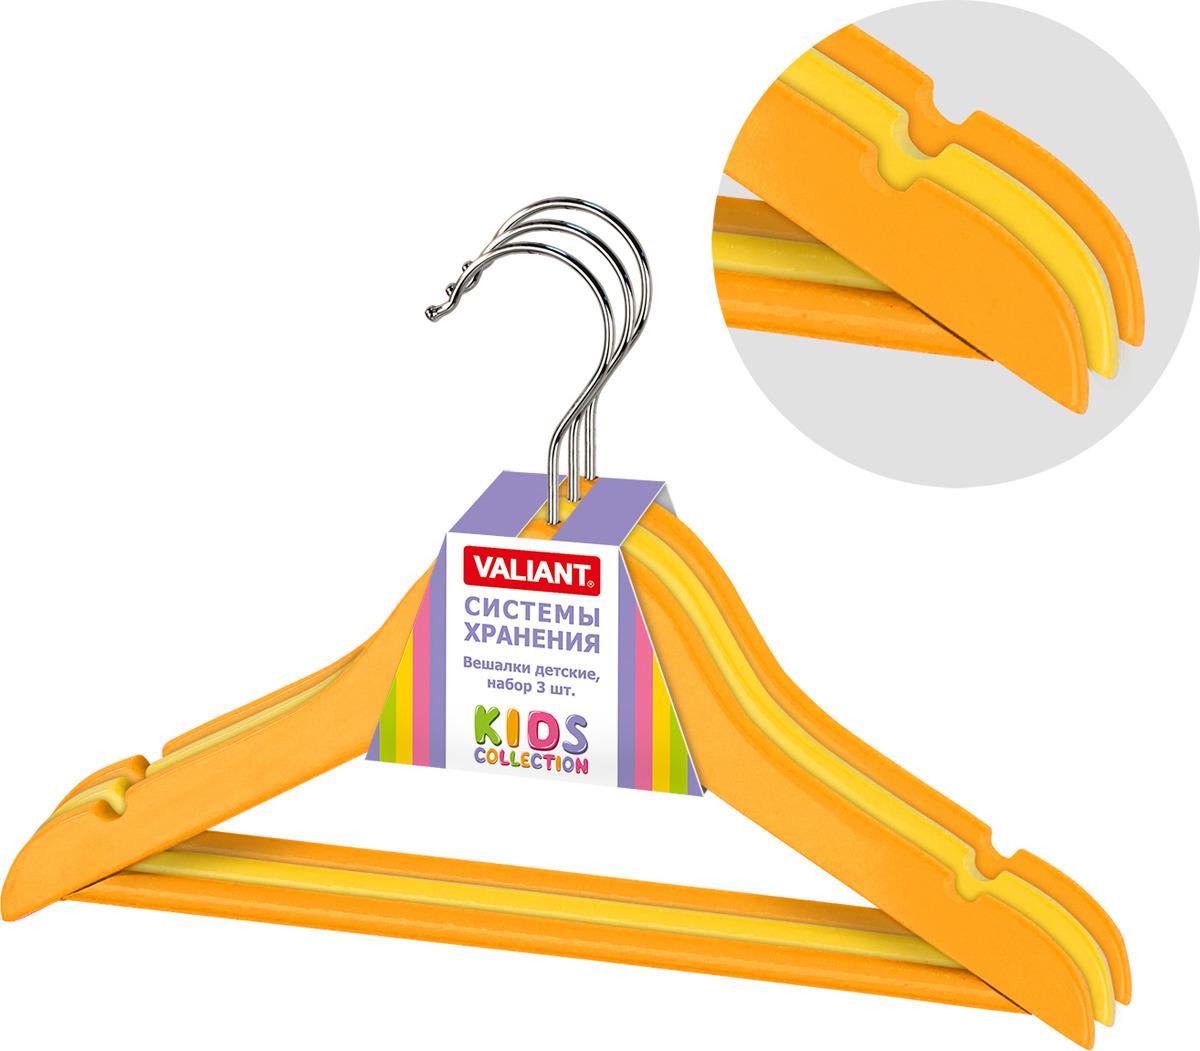 Вешалка детская Valiant, с выемками, цвет: оранжевый, 30 х 19 х 1,2 см, 3 шт